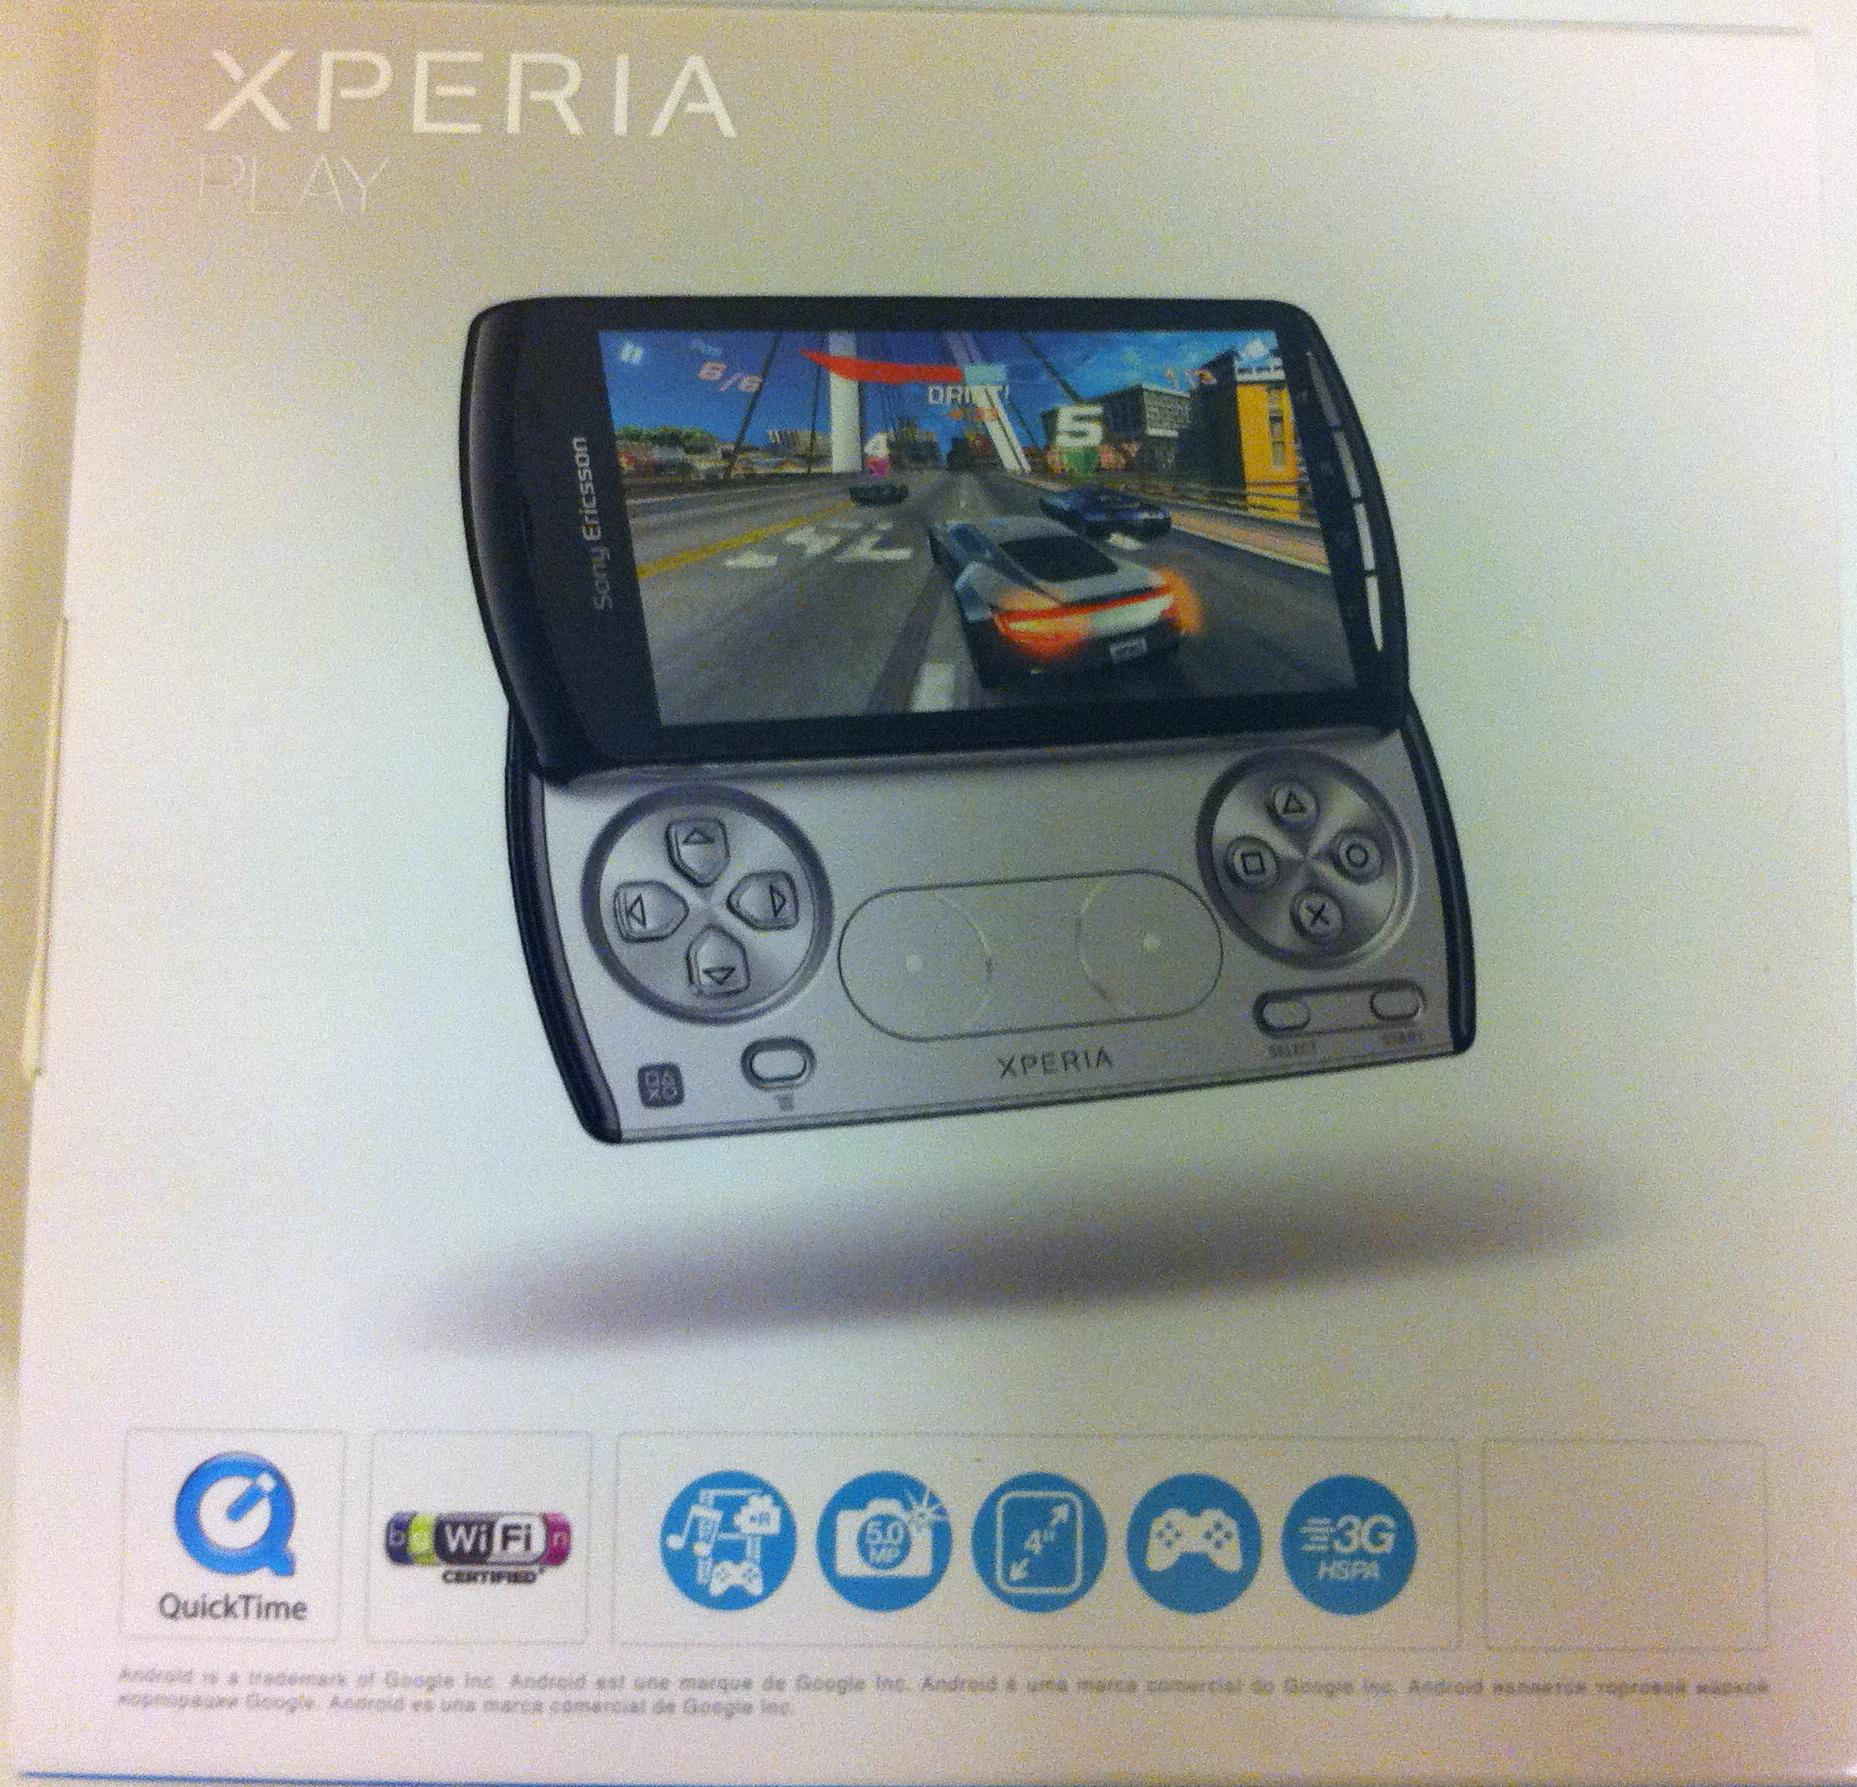 Boite Xperia Play Sony Ericsson